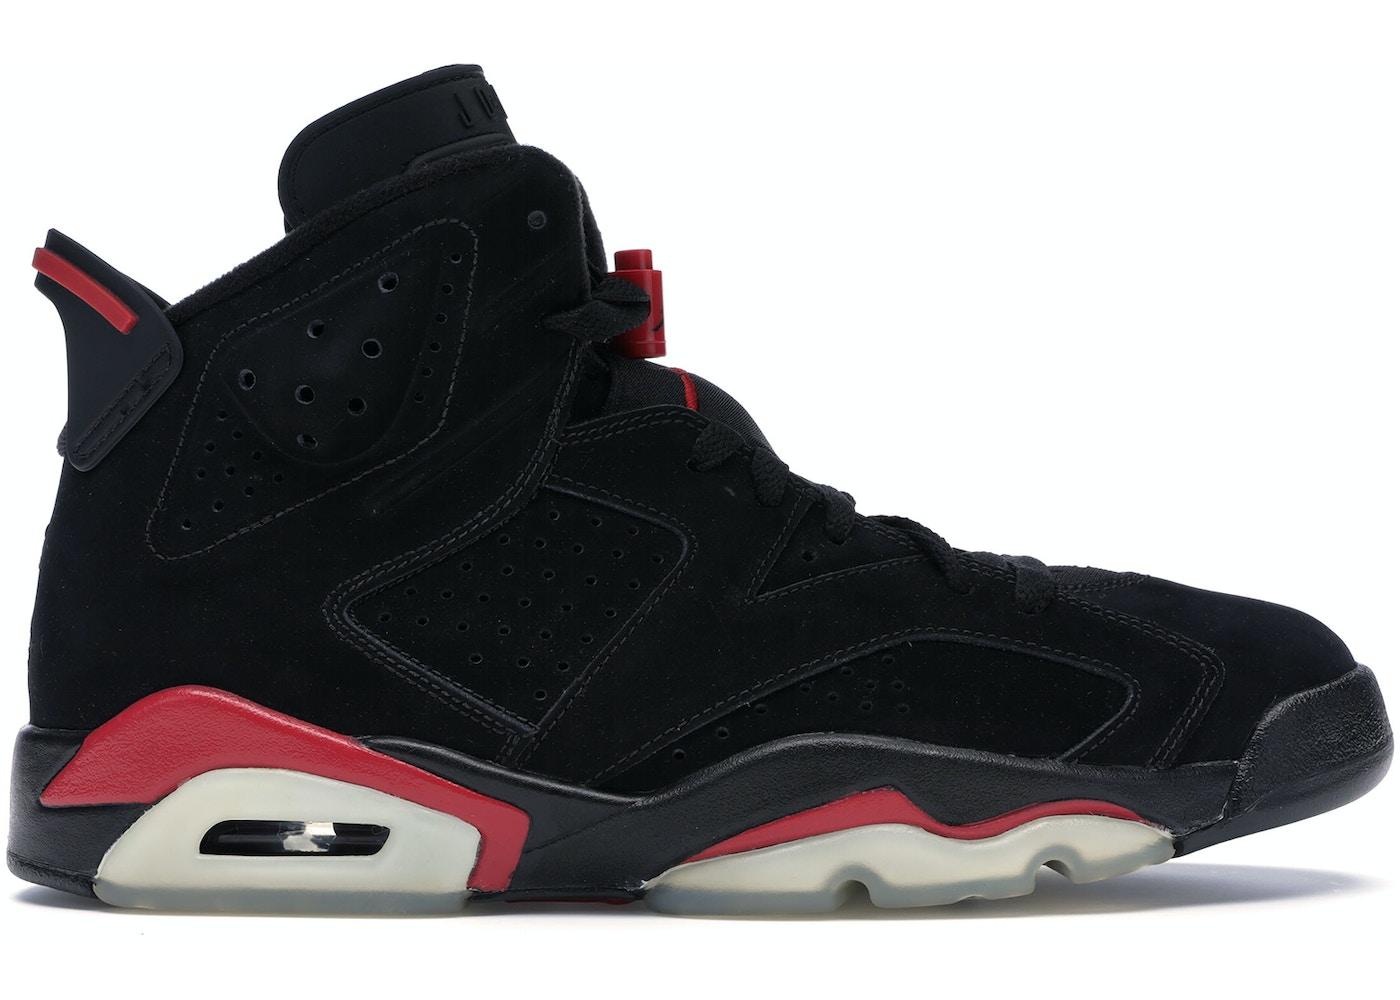 70dd8f0f23c16c Jordan 6 Retro Black Varsity Red (2010) - 384664-003   061